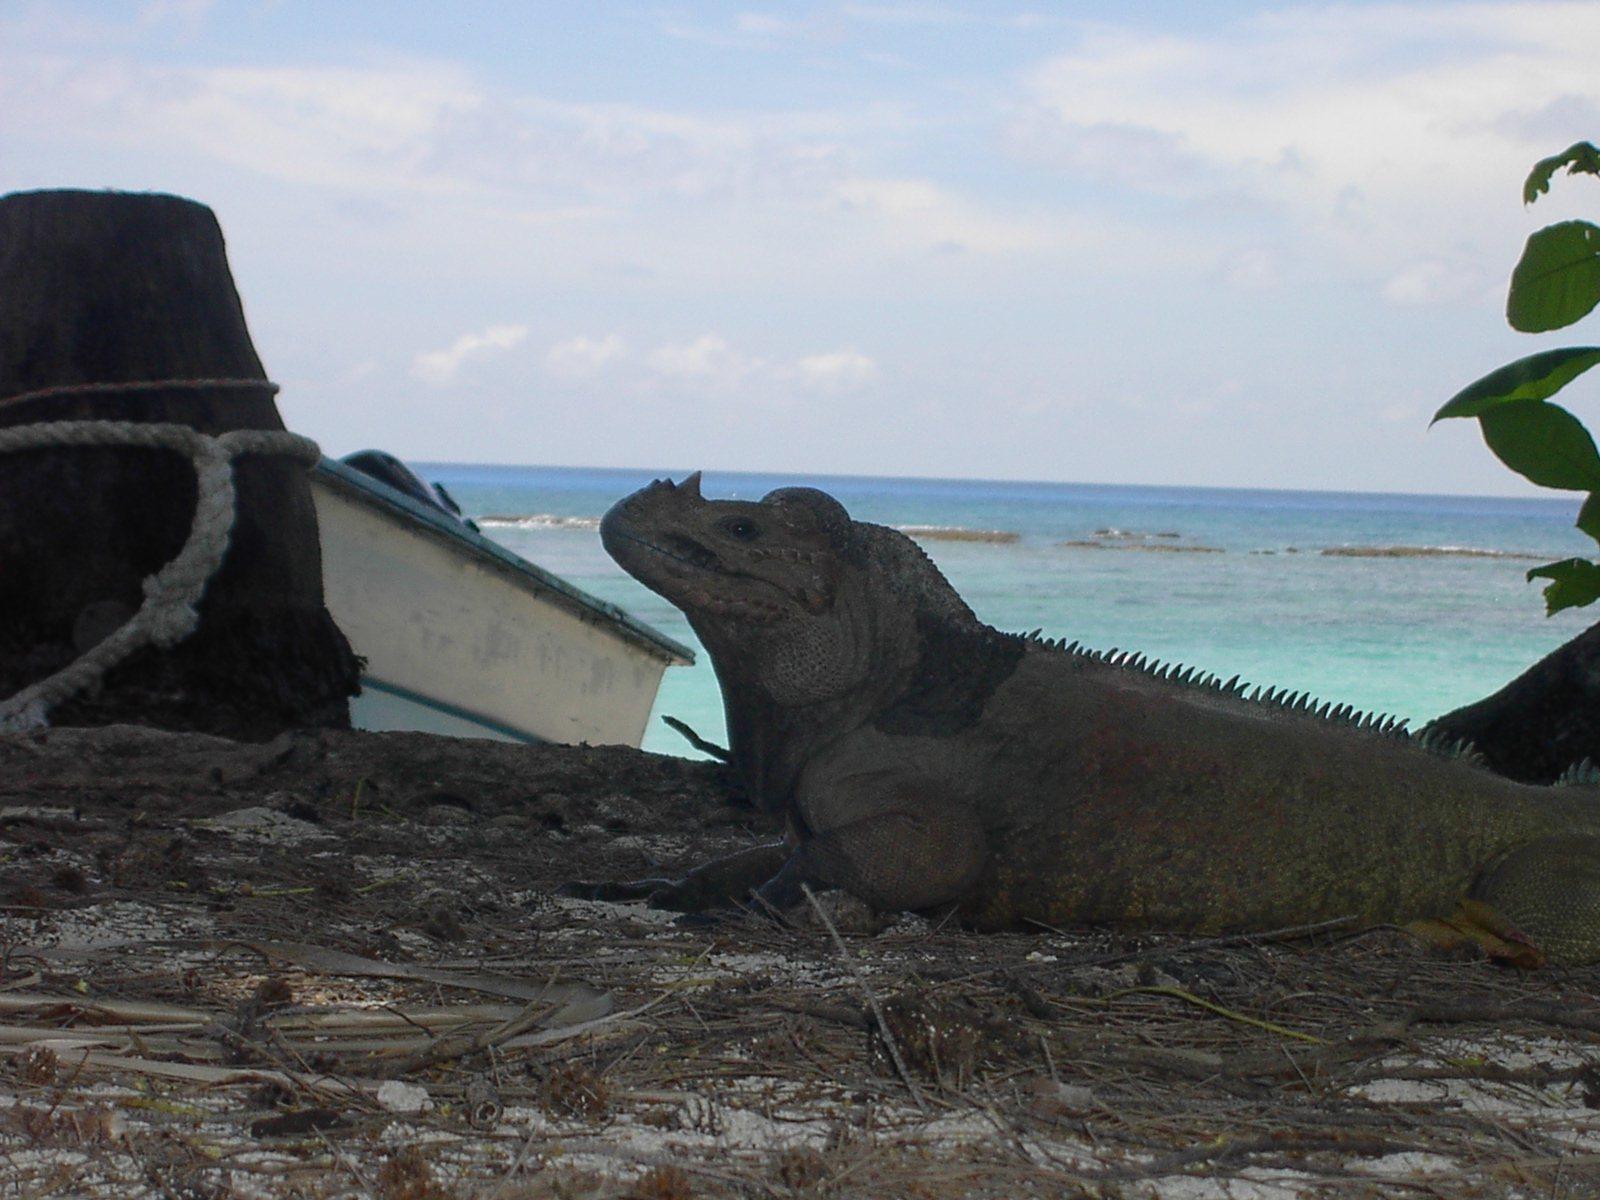 Image of Mona Island Iguana